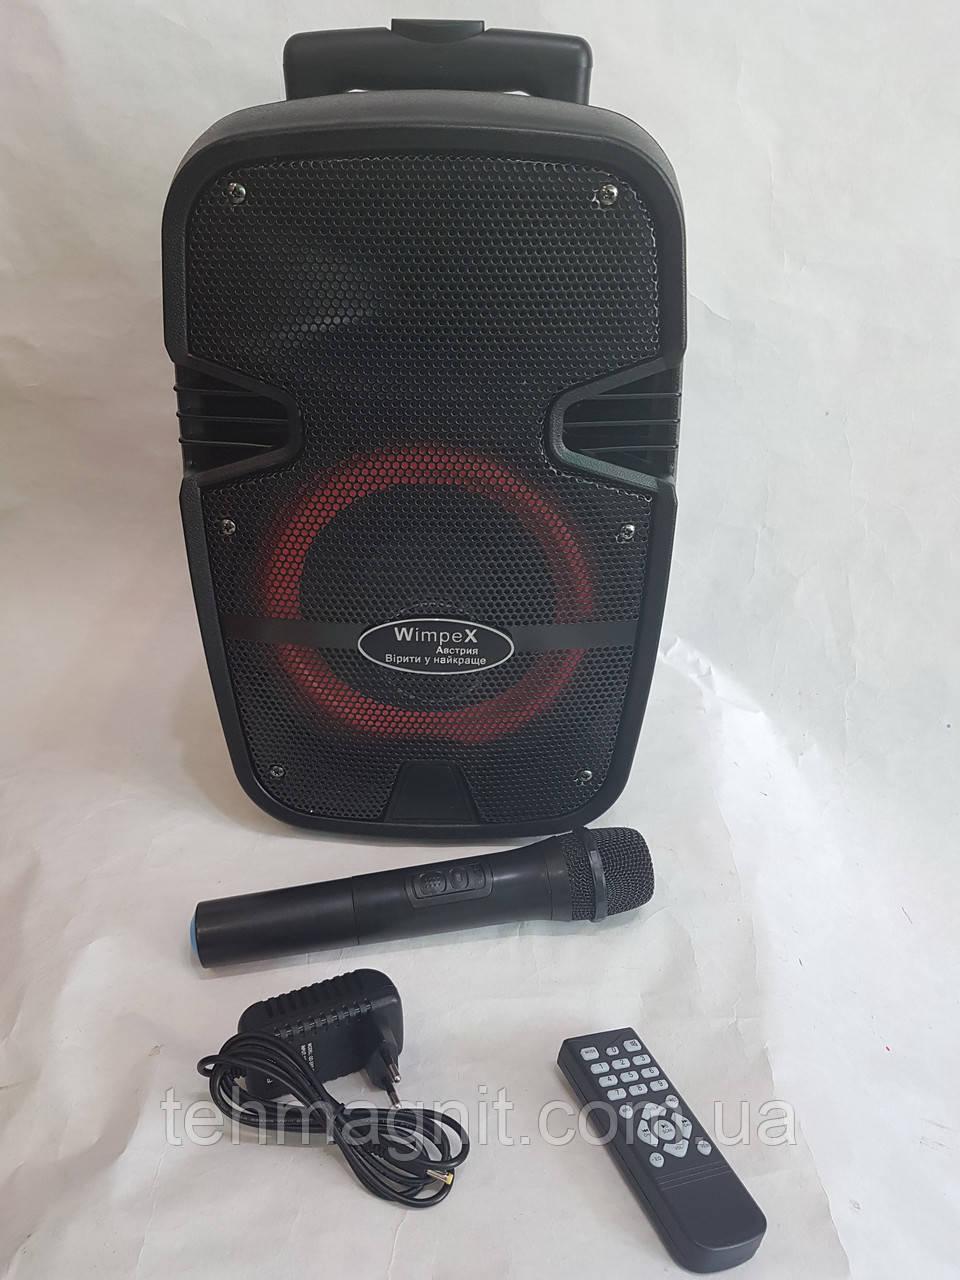 Акумуляторна автономна колонка c радіомікрофоном Wimpex WX 8082 Bluetooth, SD+USB, пульт